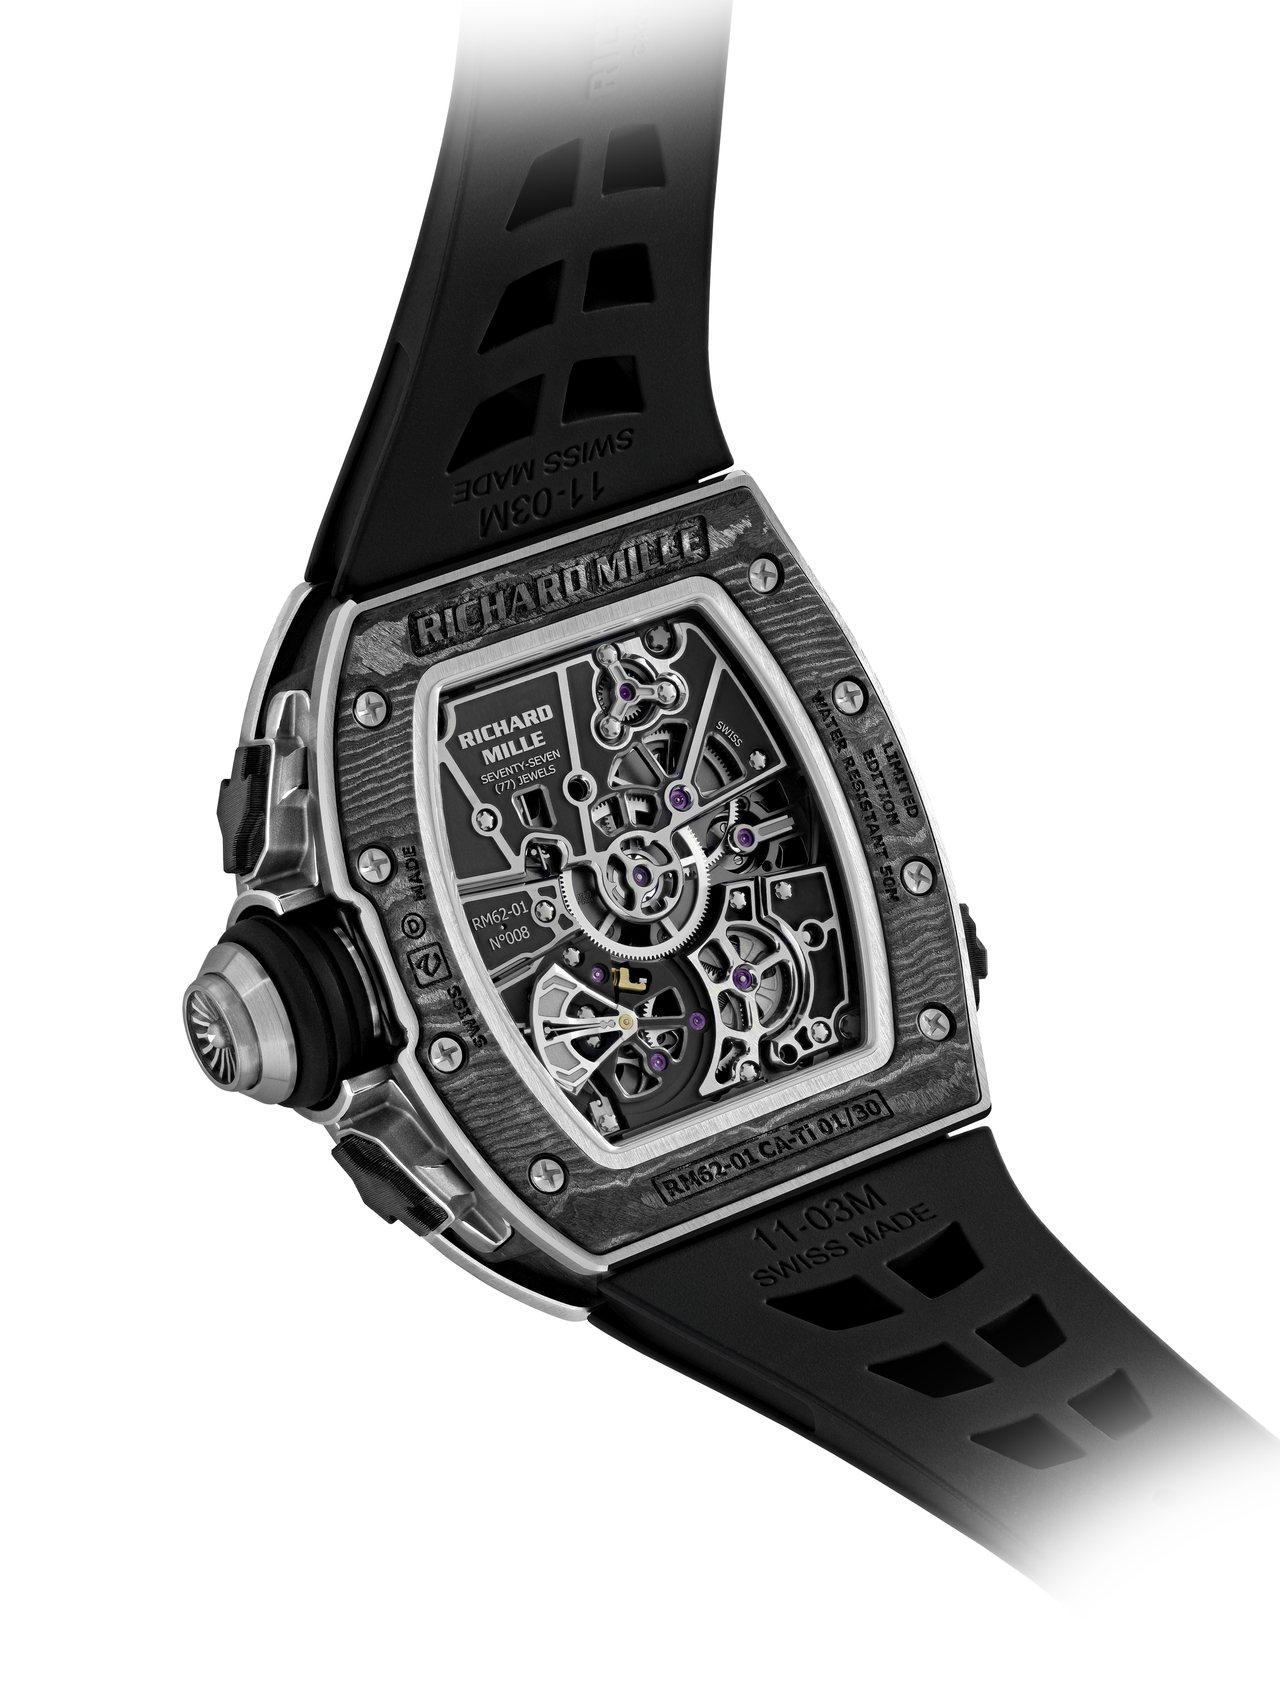 RM 62-01 ACJ陀飛輪振動鬧鈴腕表大型的鈦金屬表冠還讓人聯想到噴射機的渦...